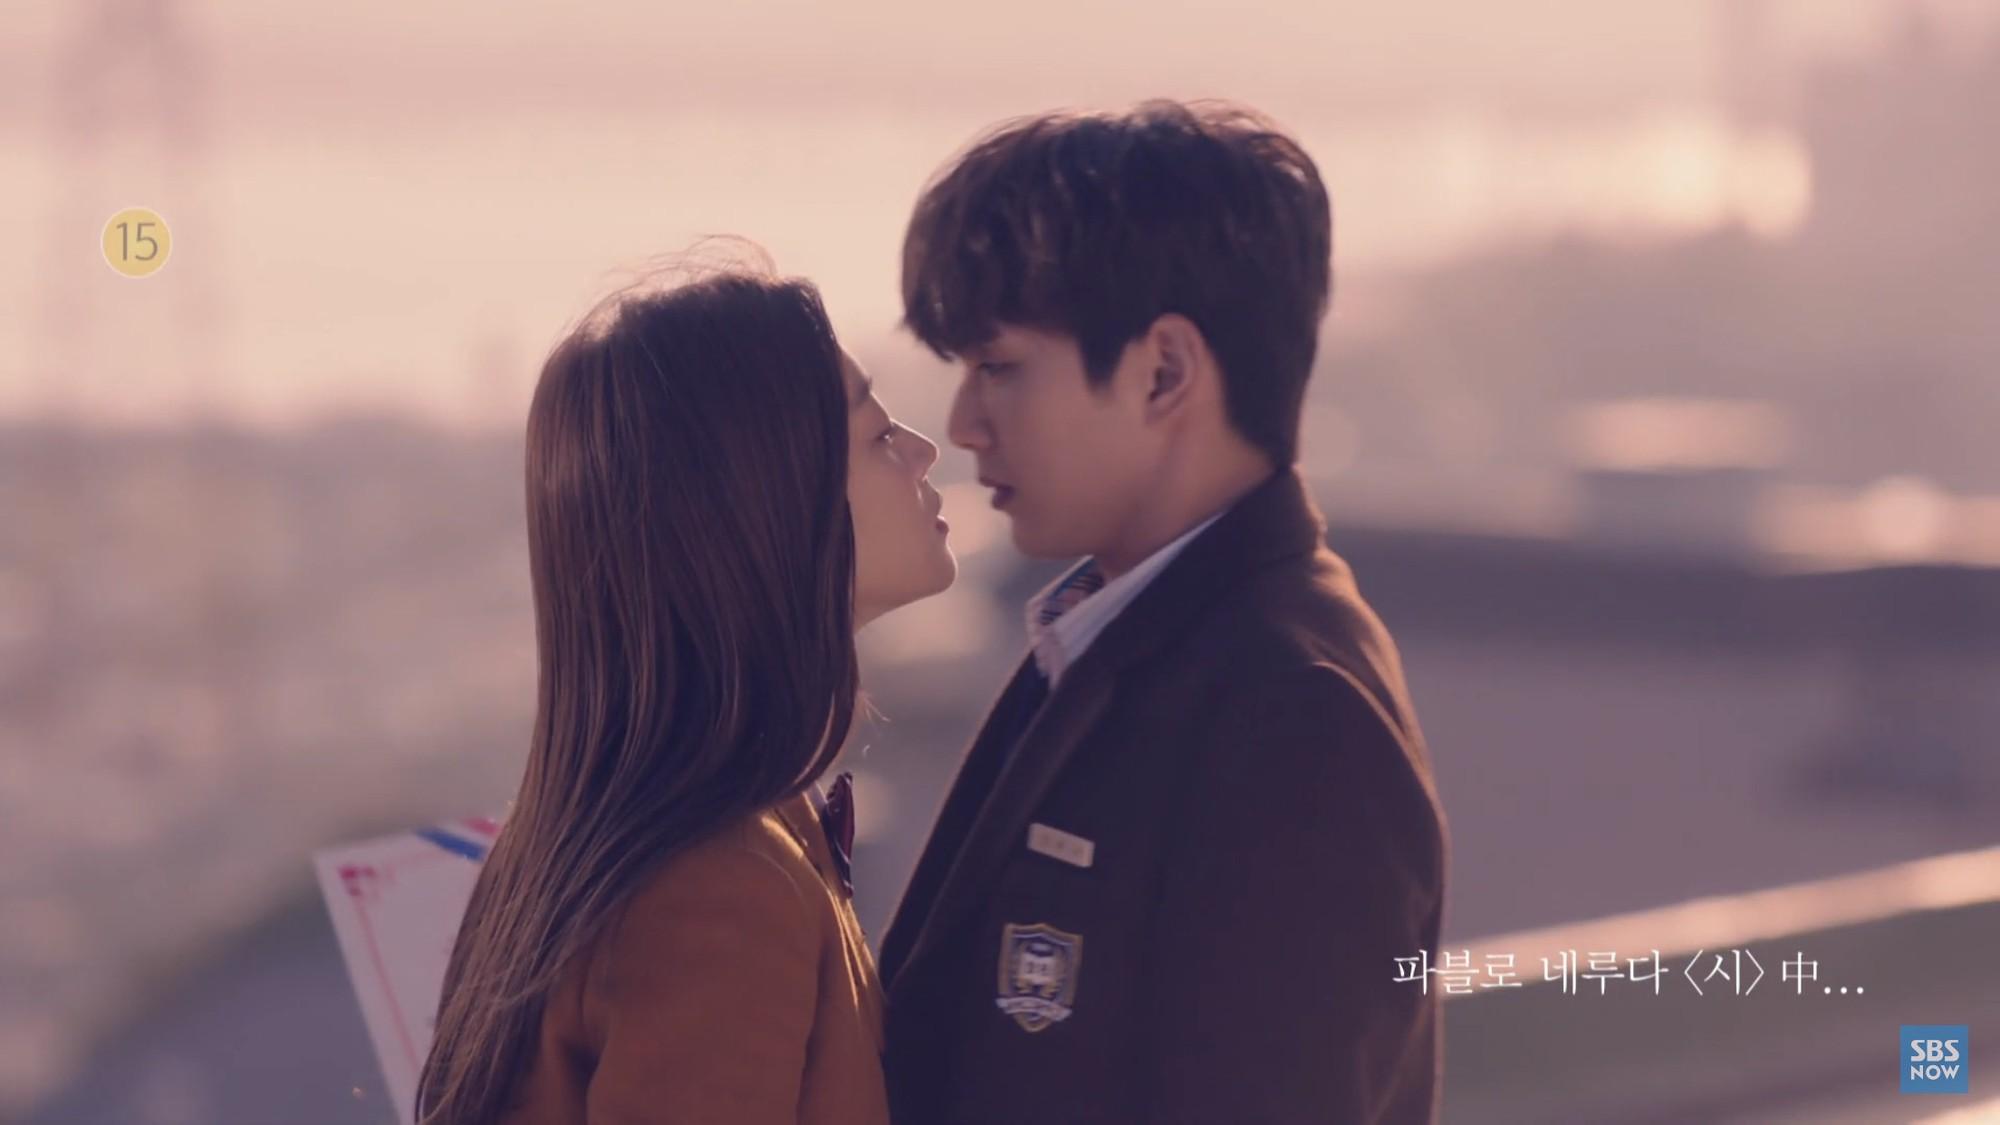 """4 điểm quyến rũ"""" mê mệt hội chị em của người hùng bình dân Yoo Seung Ho  - Ảnh 1."""